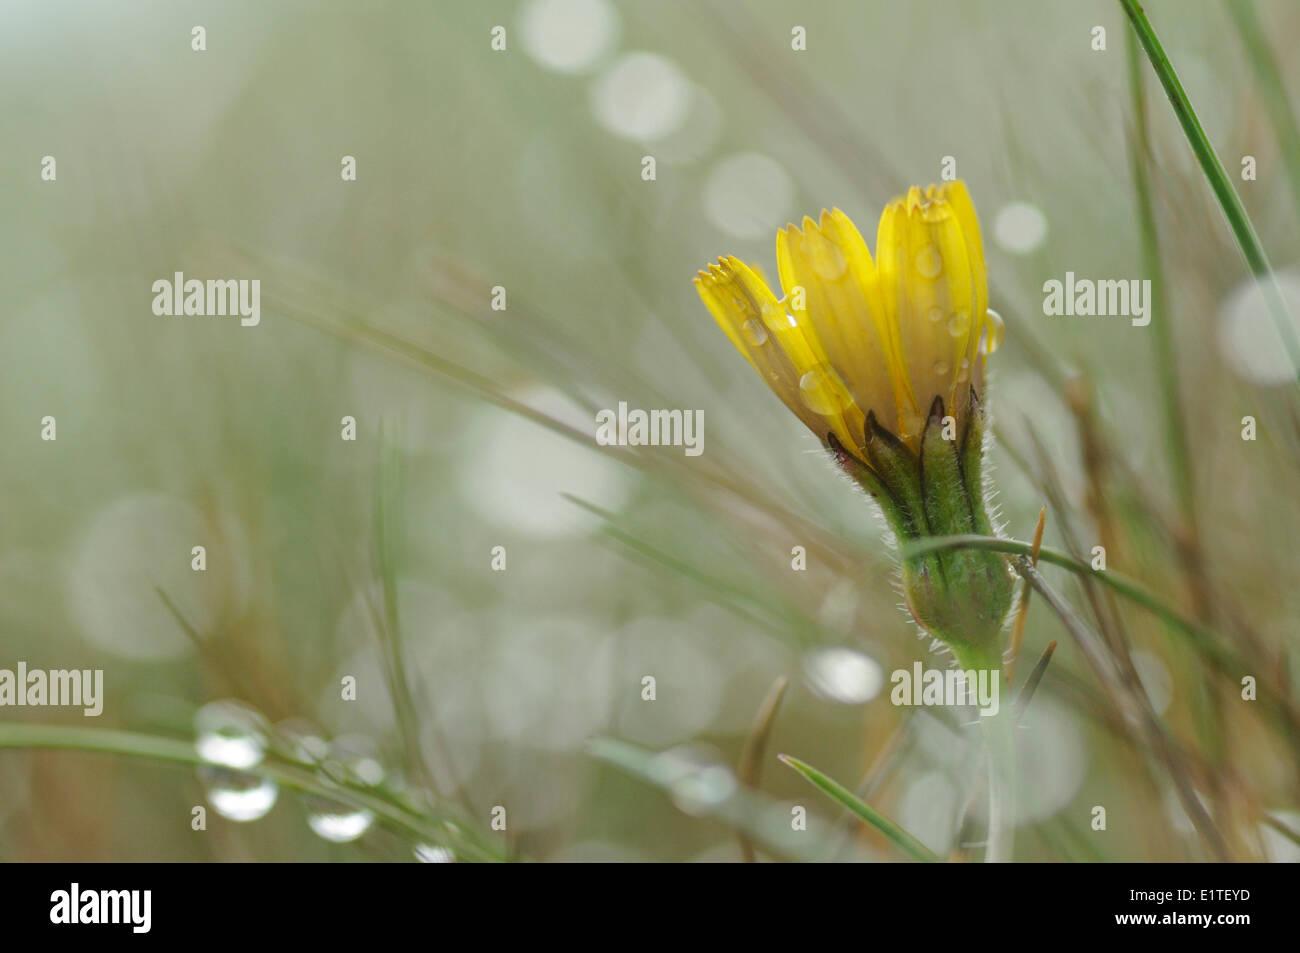 La floraison en Hawkbit rugueuse couverte de rosée prairies pauvres en éléments nutritifs Photo Stock